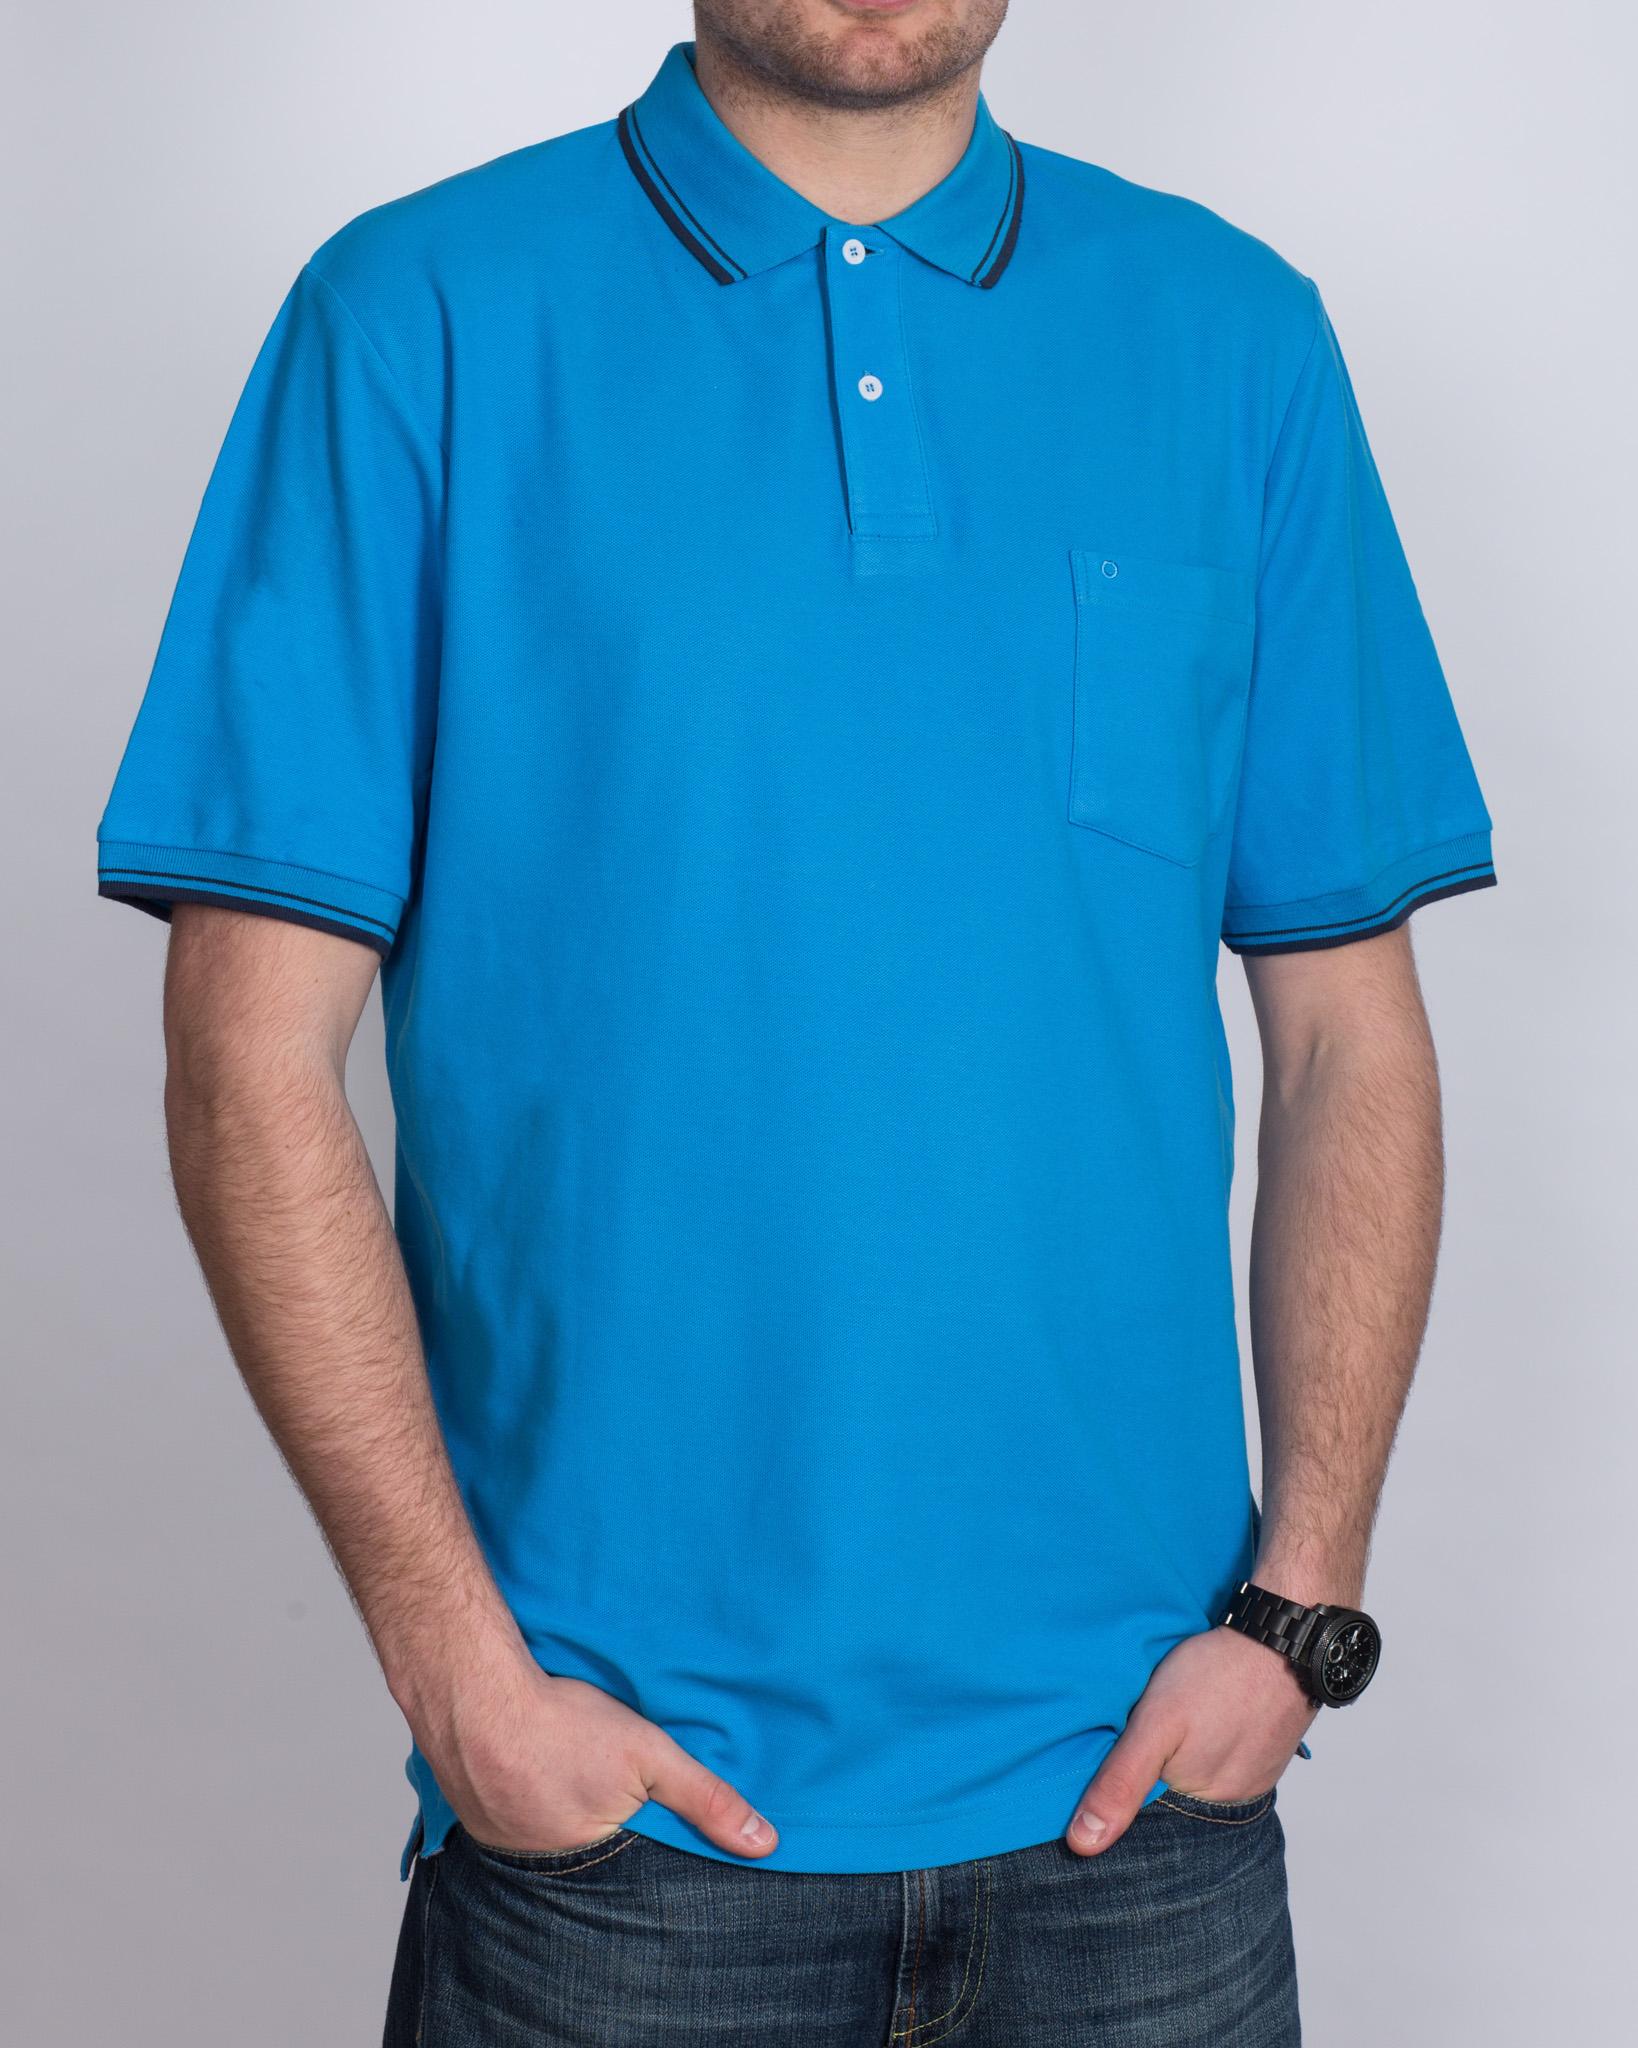 North 56 Tall Polo Shirt (blue)